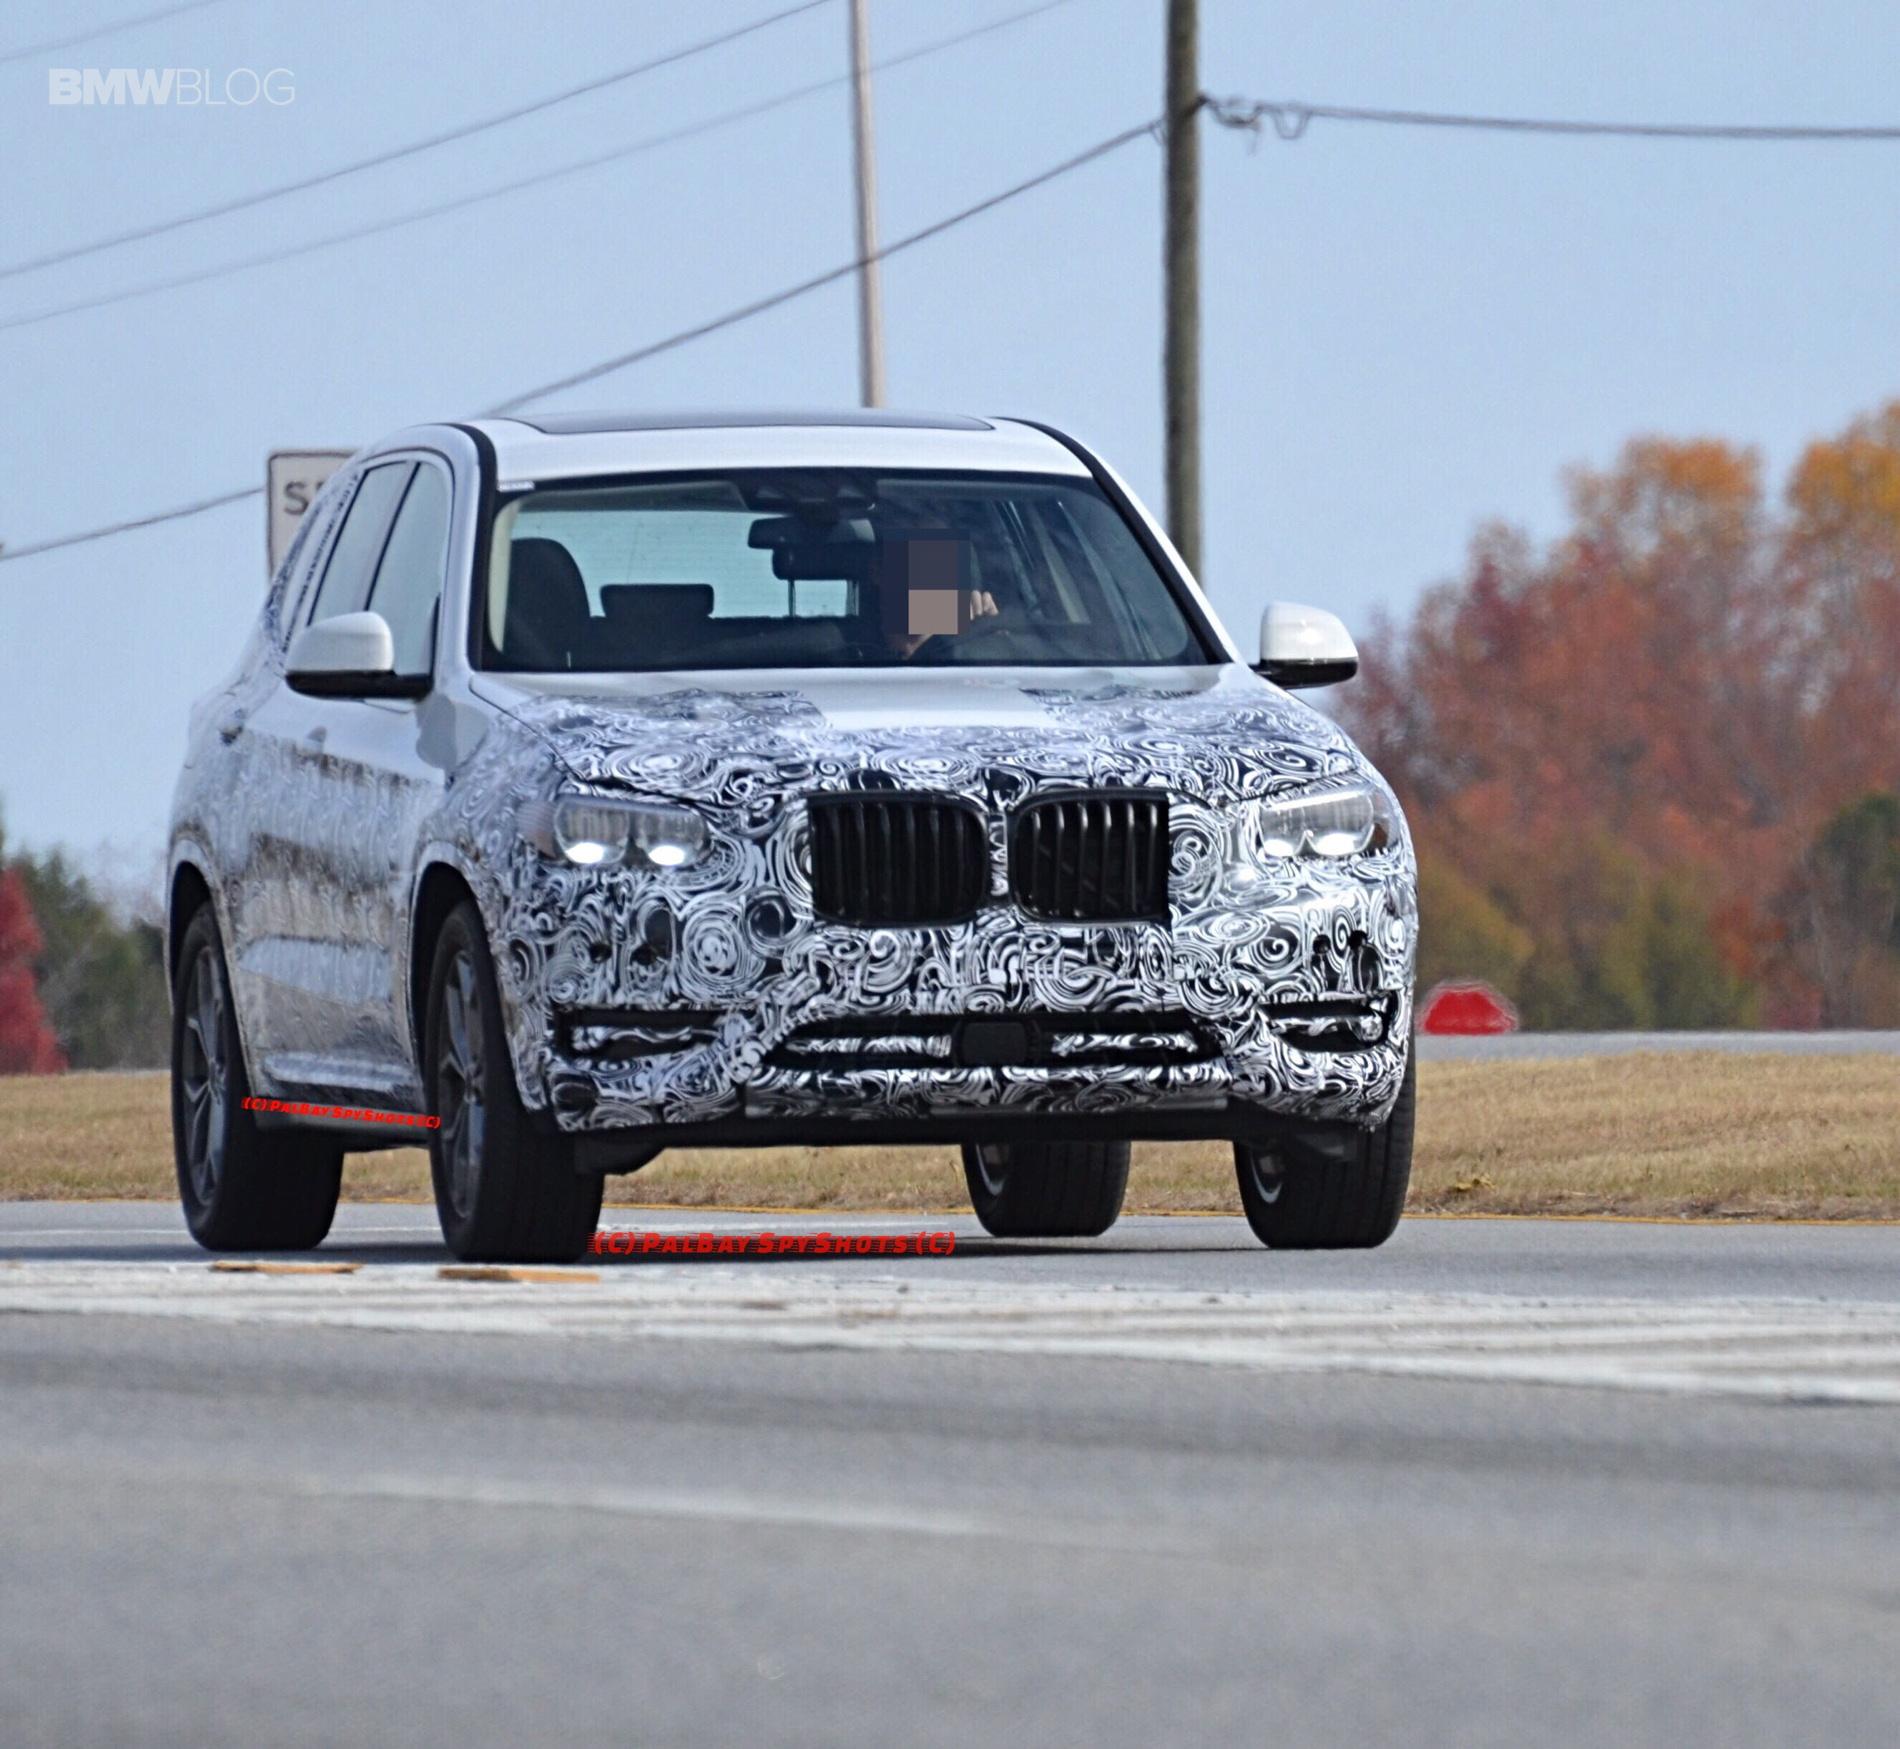 BMW X3 M40i spy photos 17